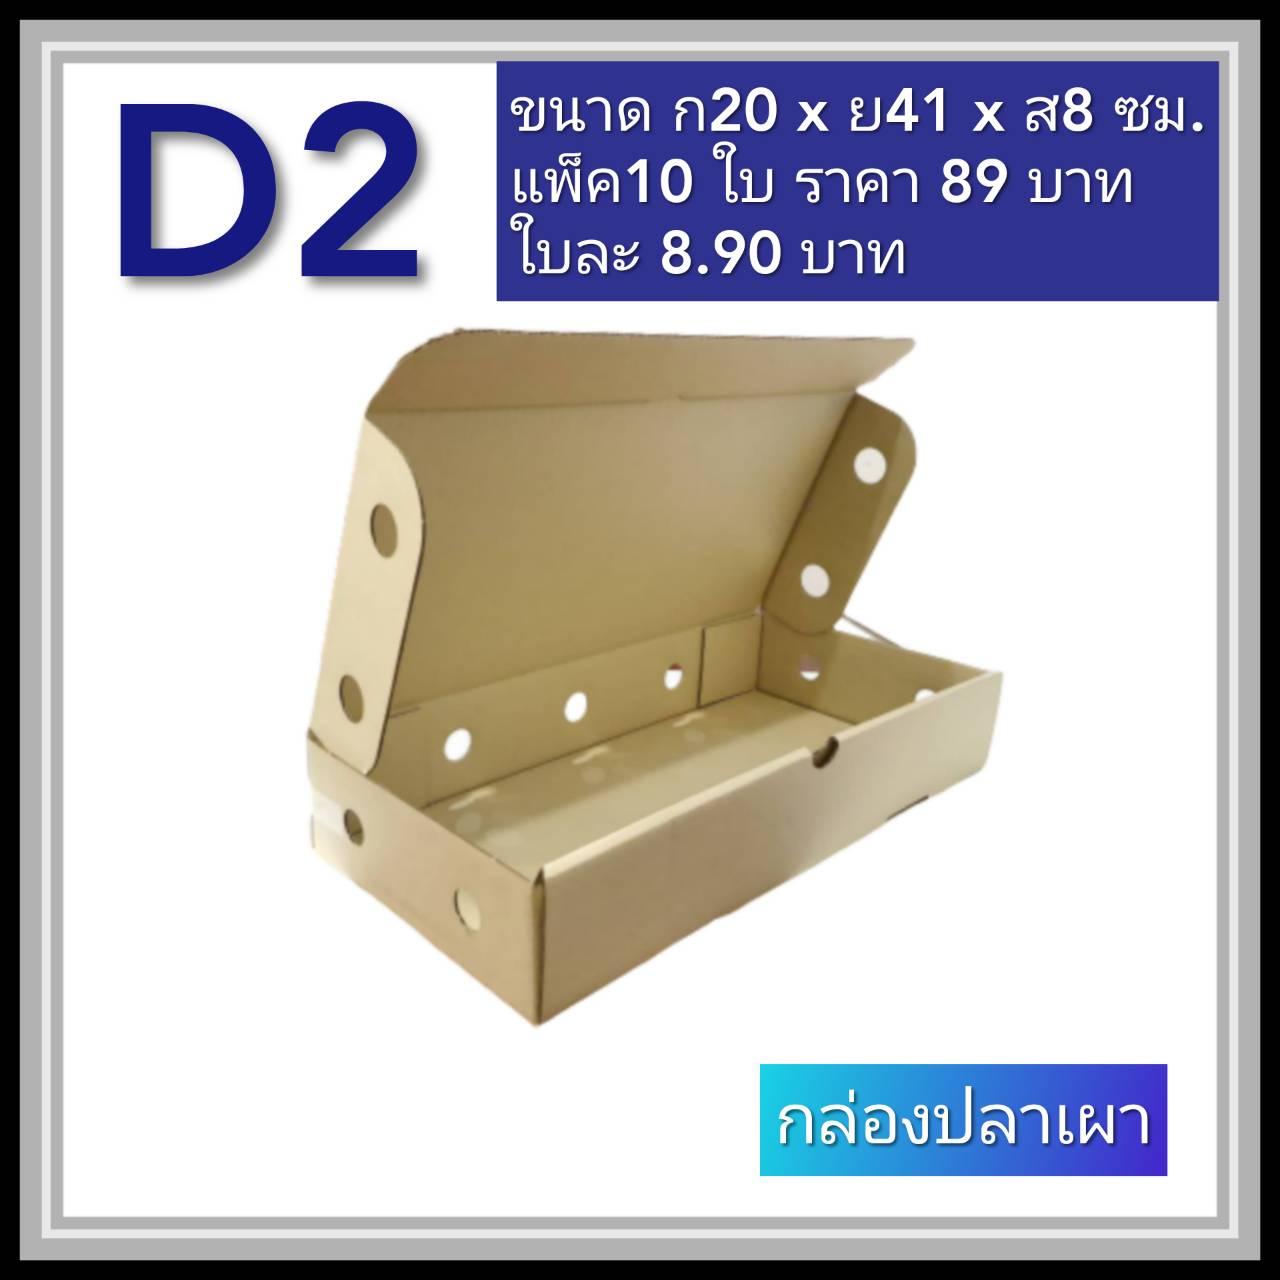 กล่องลูกฟูกใส่ปลาเผา ไม่พิมพ์ D2 ลูกฟูก 3 ชั้น (ก20 x ย41 x ส8 cm.)